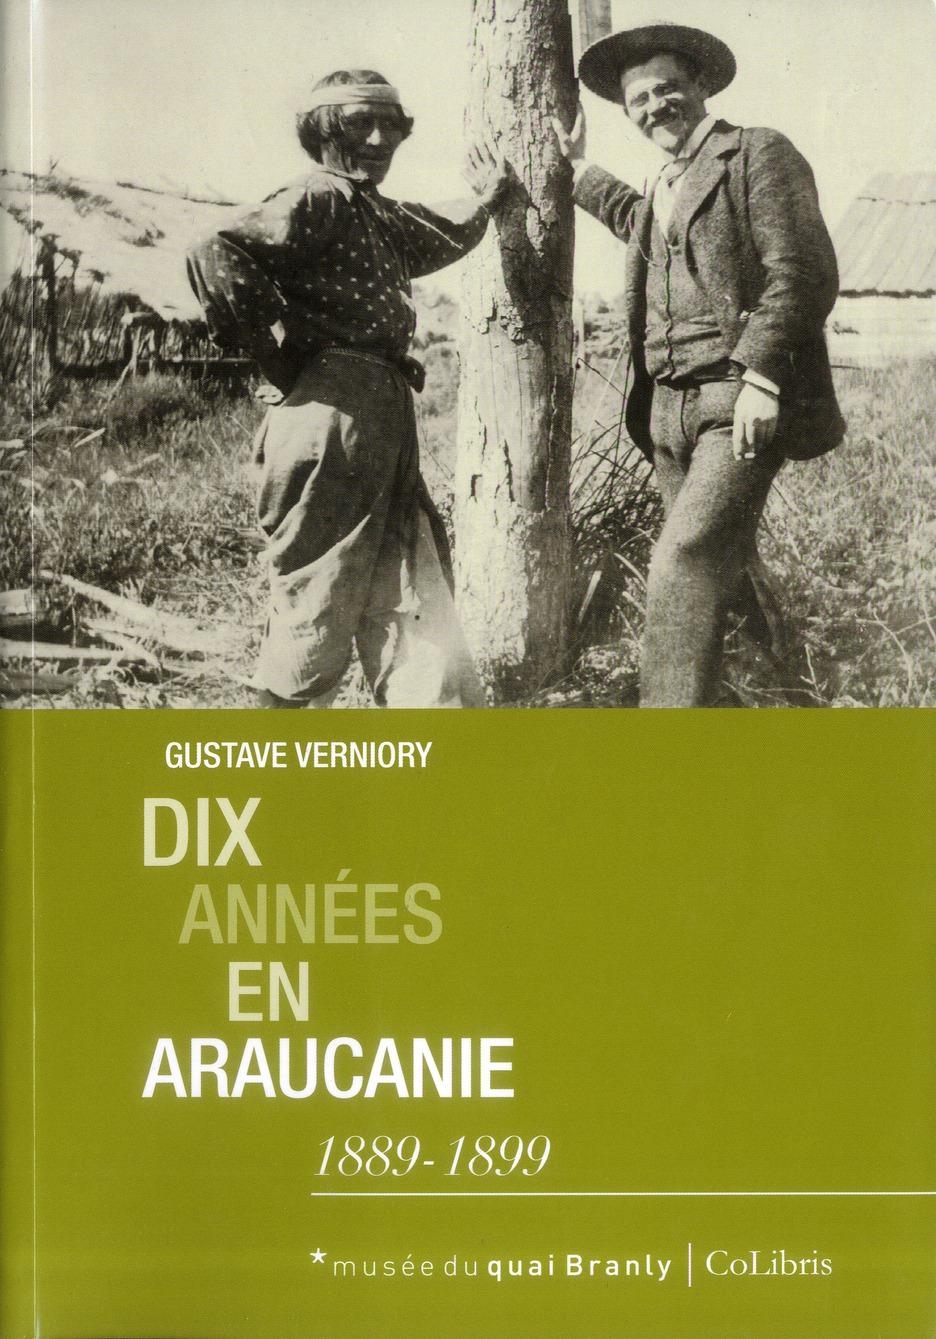 DIX ANNEES EN ARAUCANIE